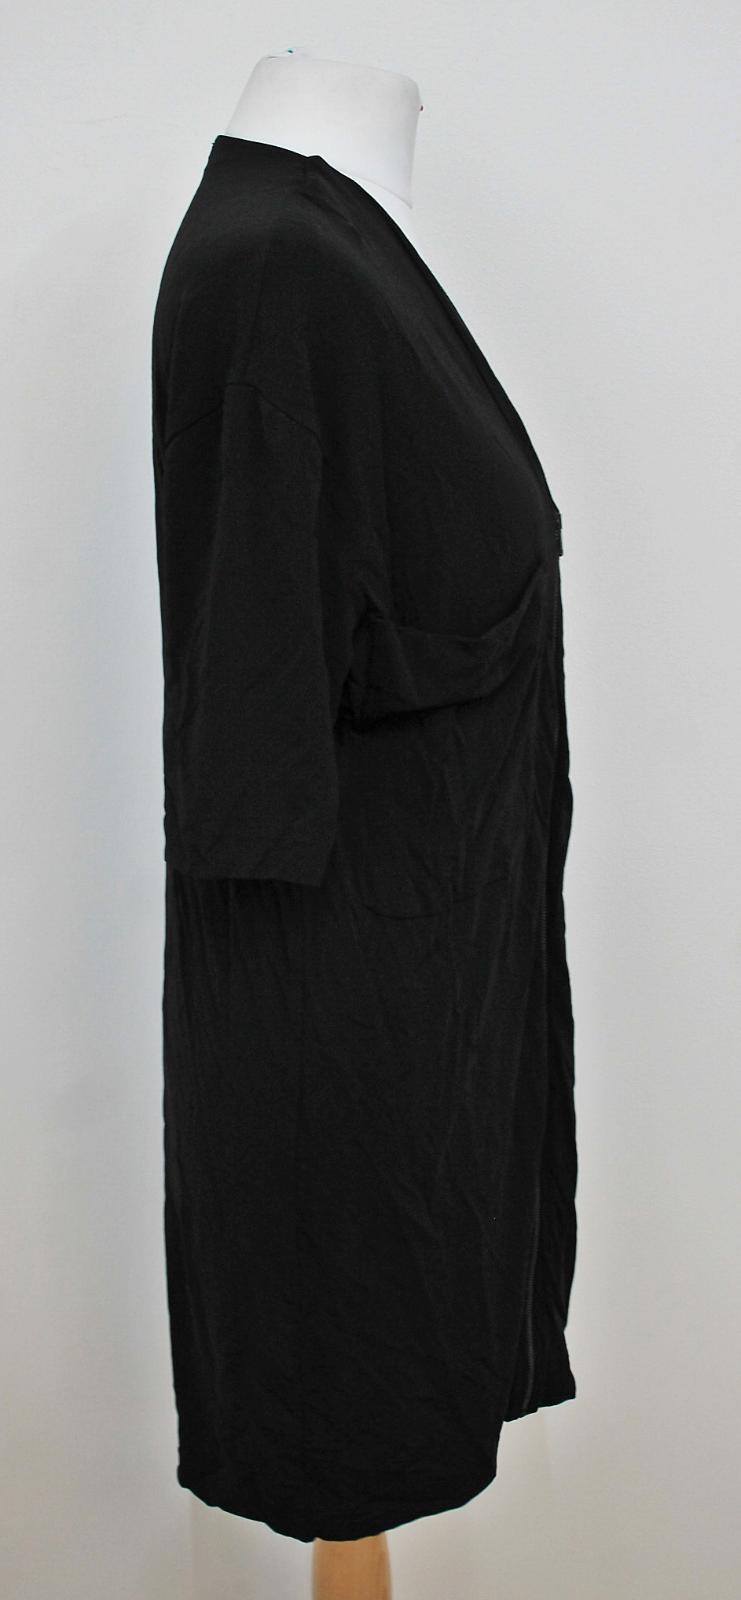 COS-Senoras-Negras-de-manga-corta-escote-V-con-cremallera-frontal-Cambio-Vestido-Talla-XS miniatura 3